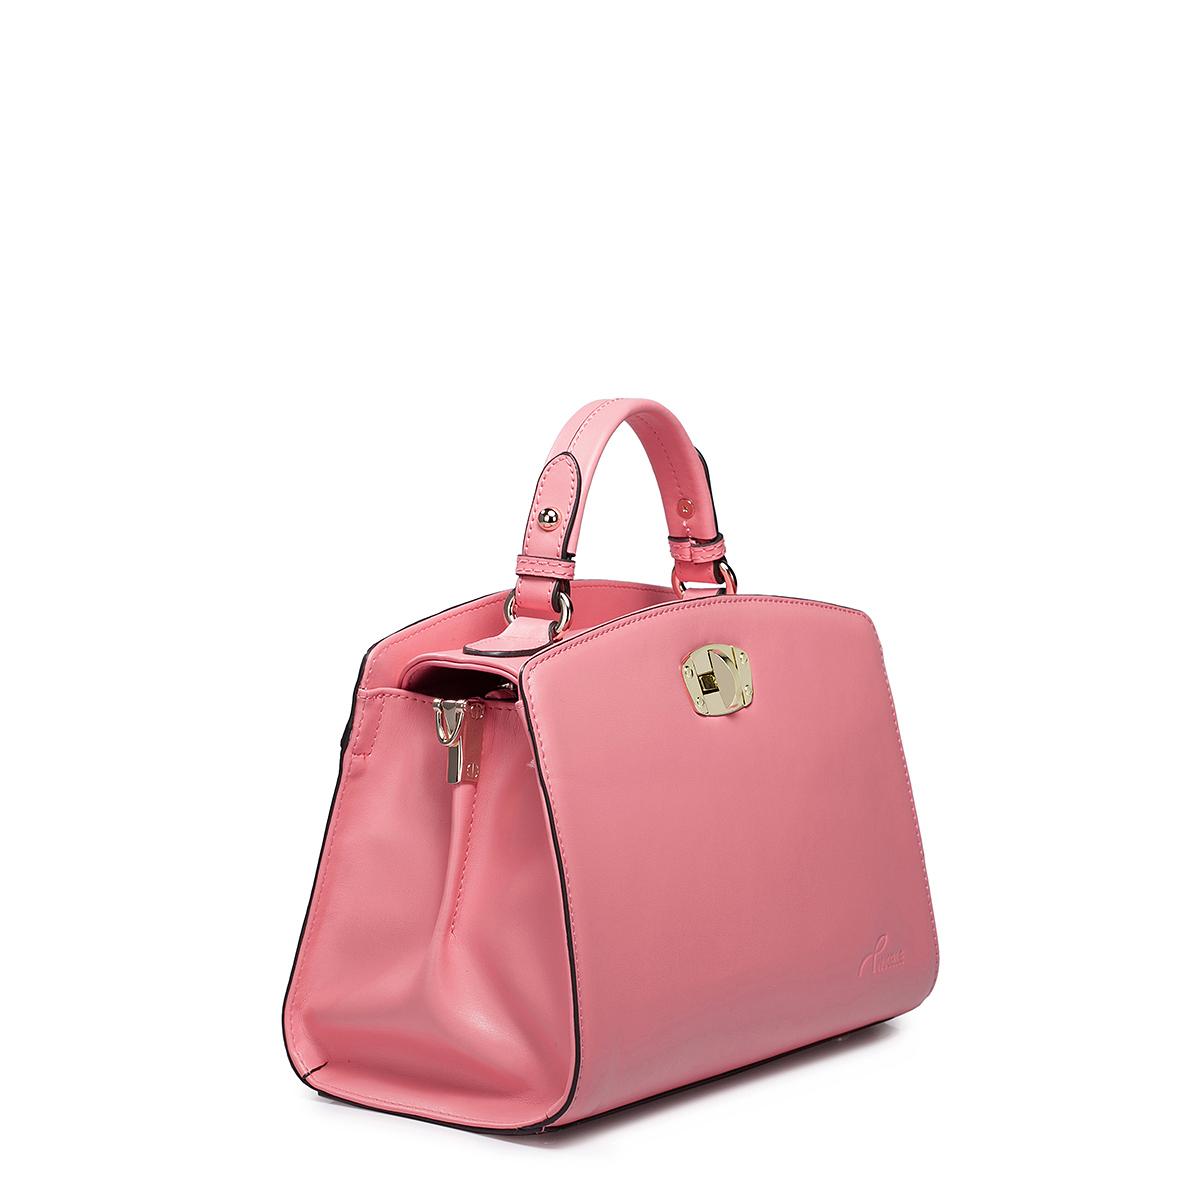 NUCELLE kožená kabelka Rose 1170530-34